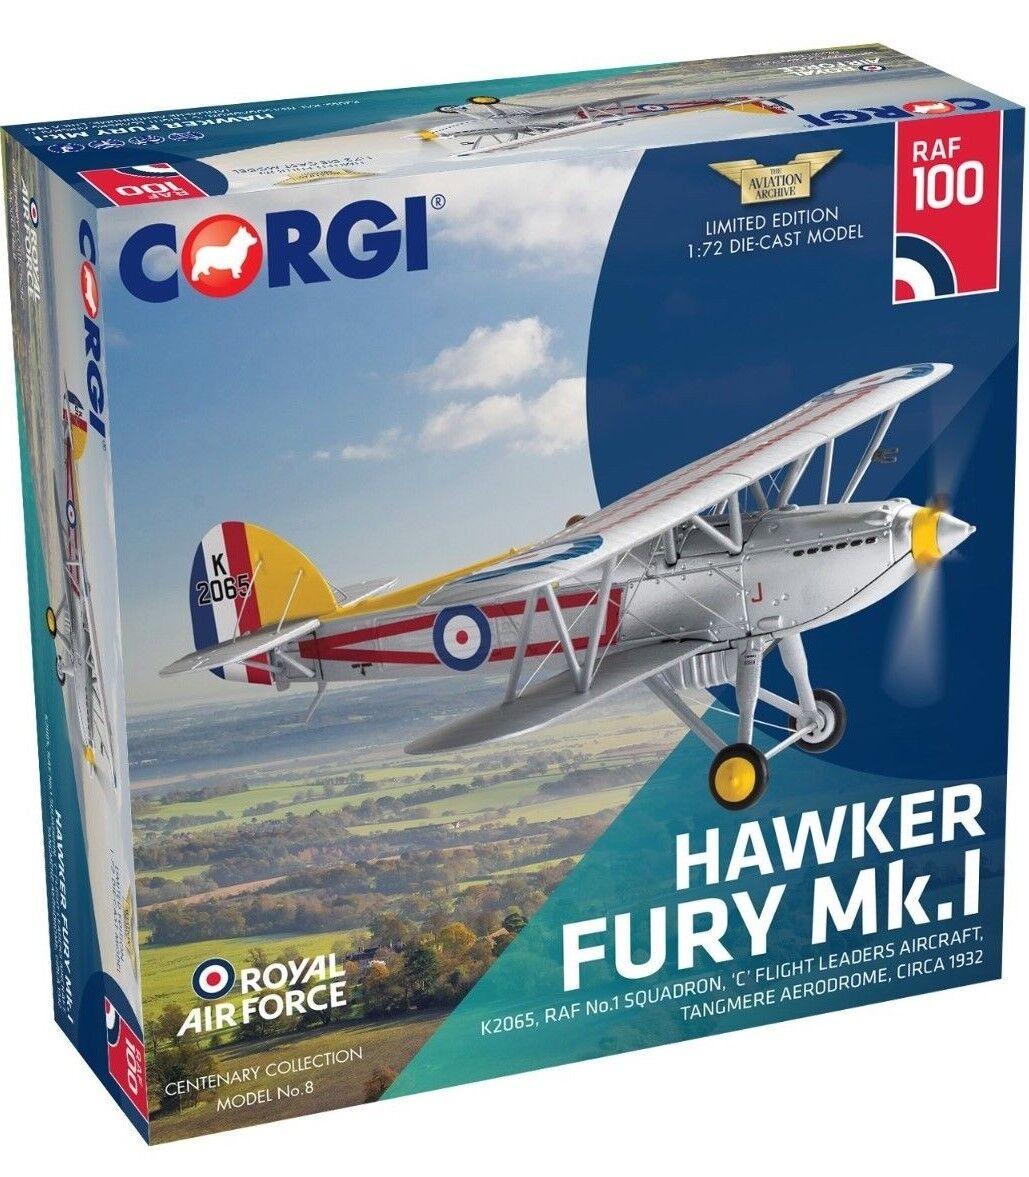 Nouvelle Version CORGI échelle 1 72 hawker fury K2065 RAF No.1 Escadron Diecast modèle.